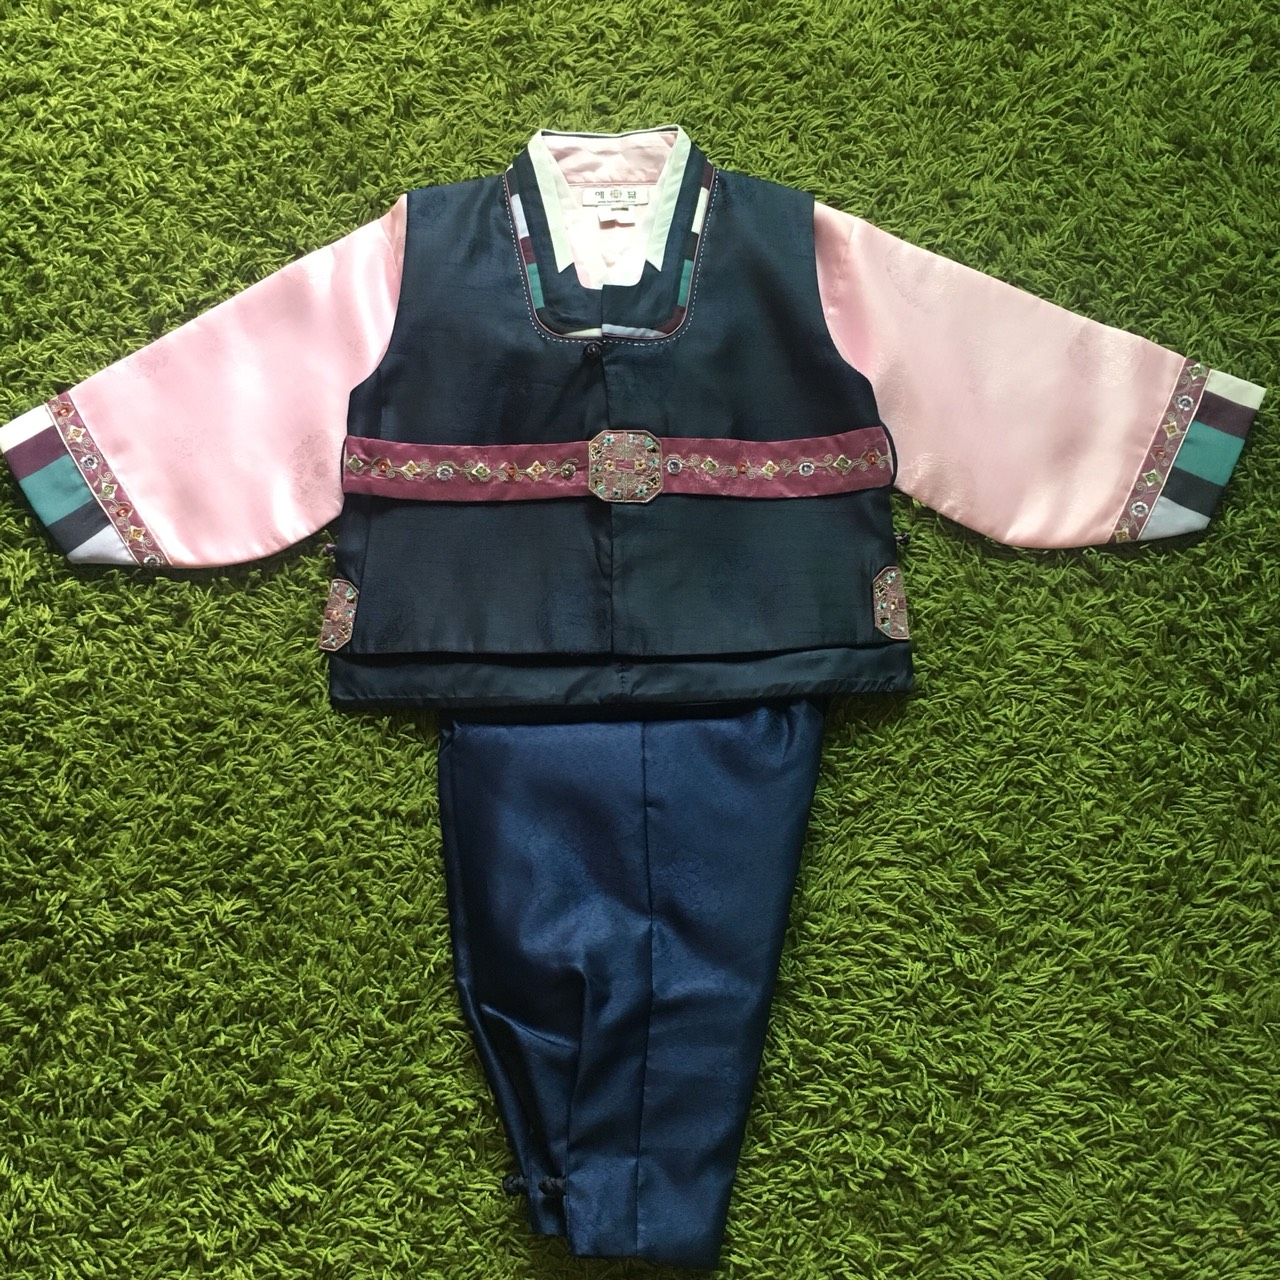 Hanbok Boy ฮันบกผ้าไหมสีกรมท่า สำหรับเด็กชาย 7ขวบ